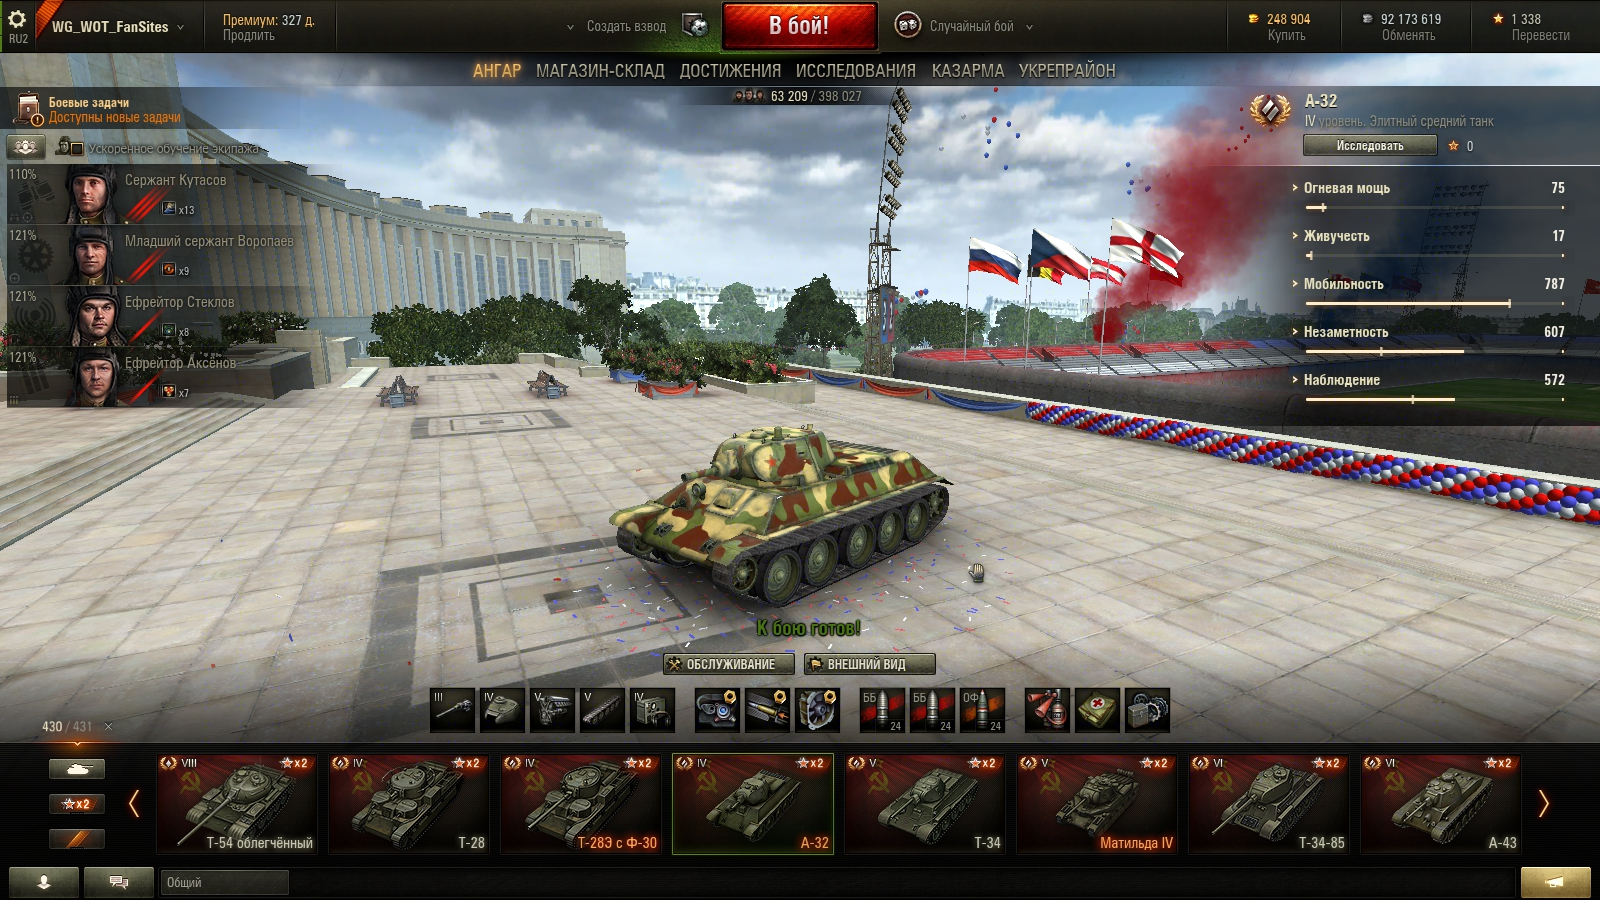 Сделать подарок в world of tanks 74